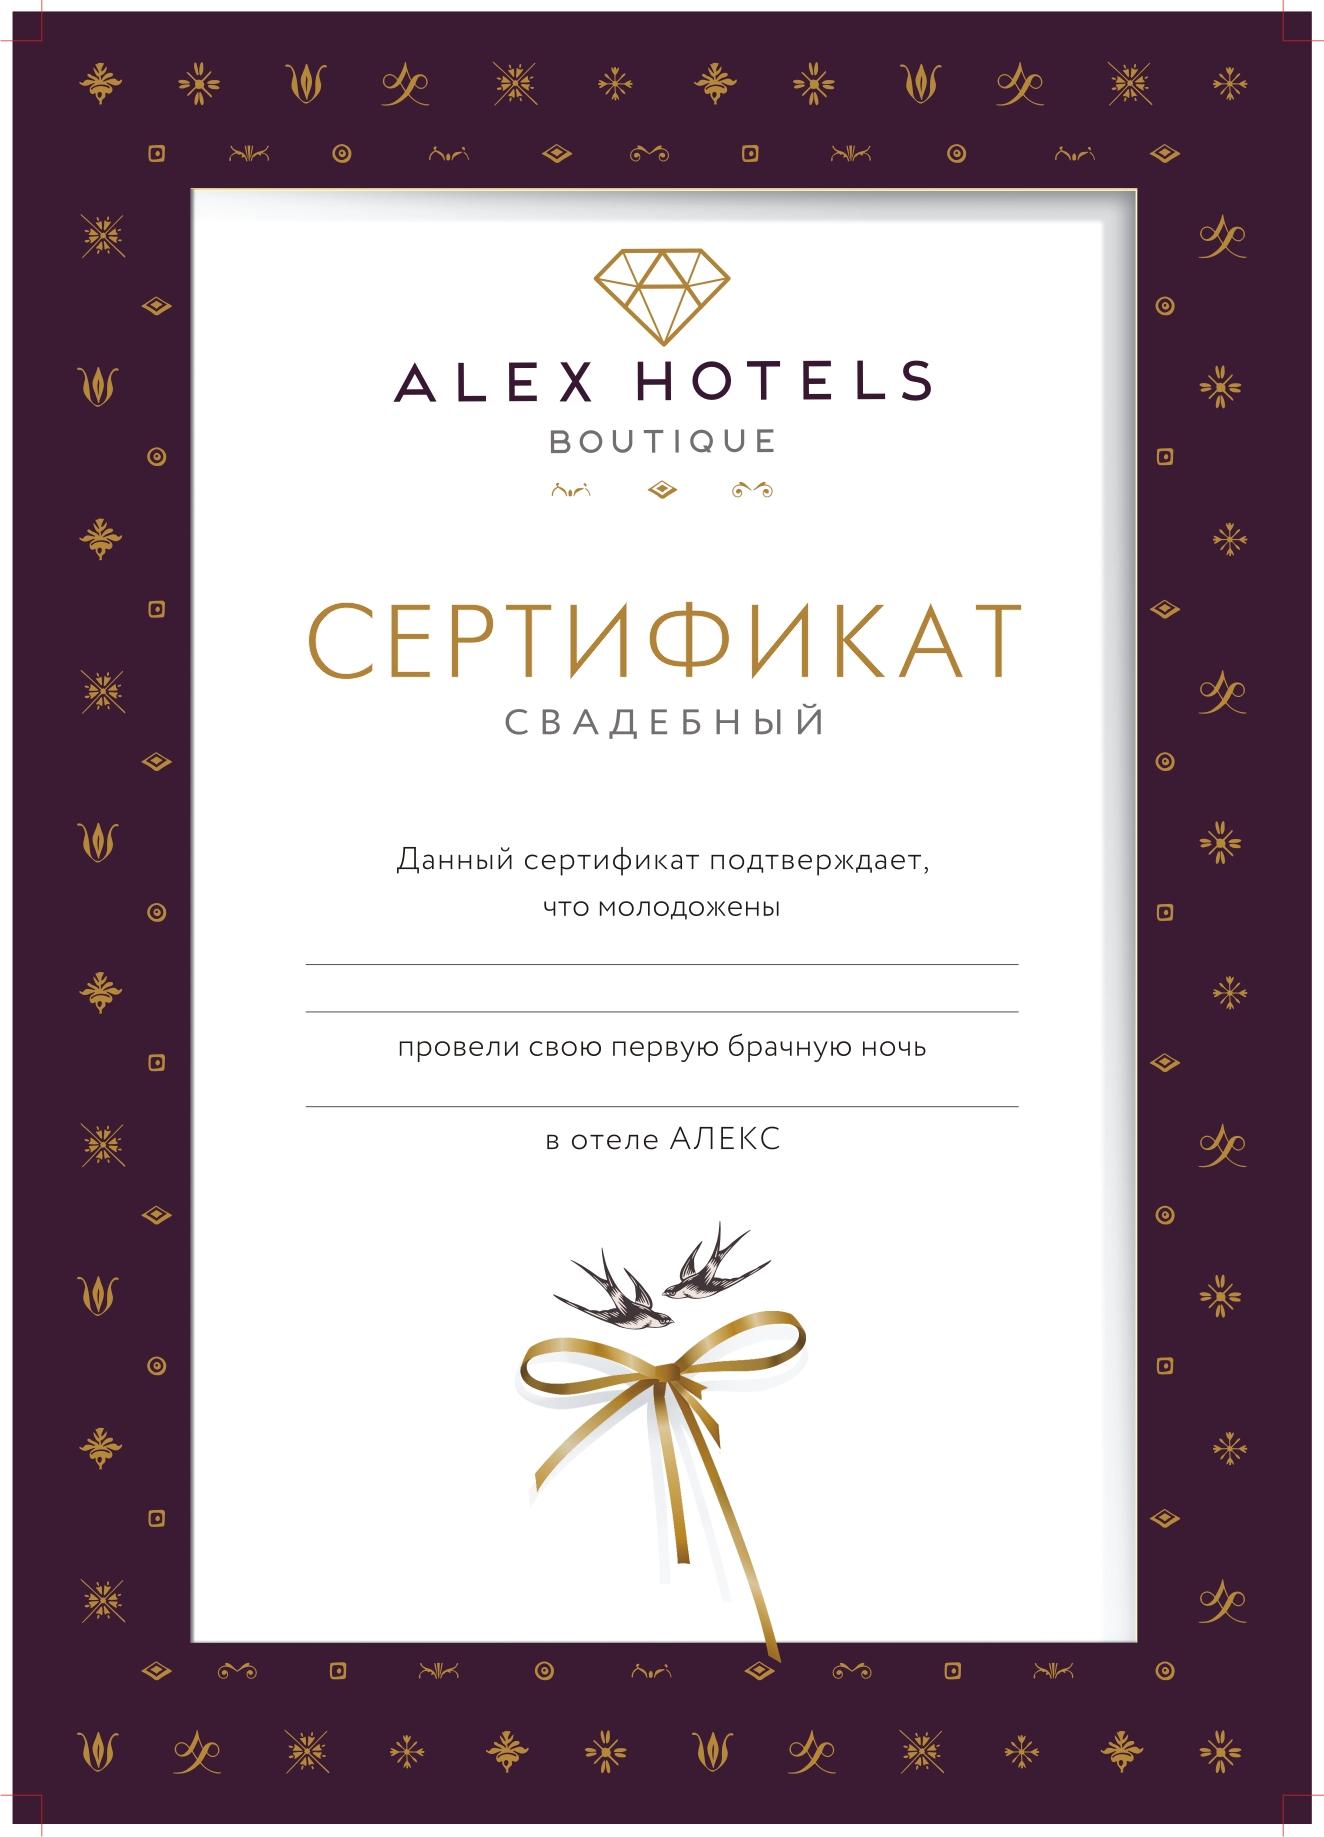 Свадебный сертификат для молодоженов